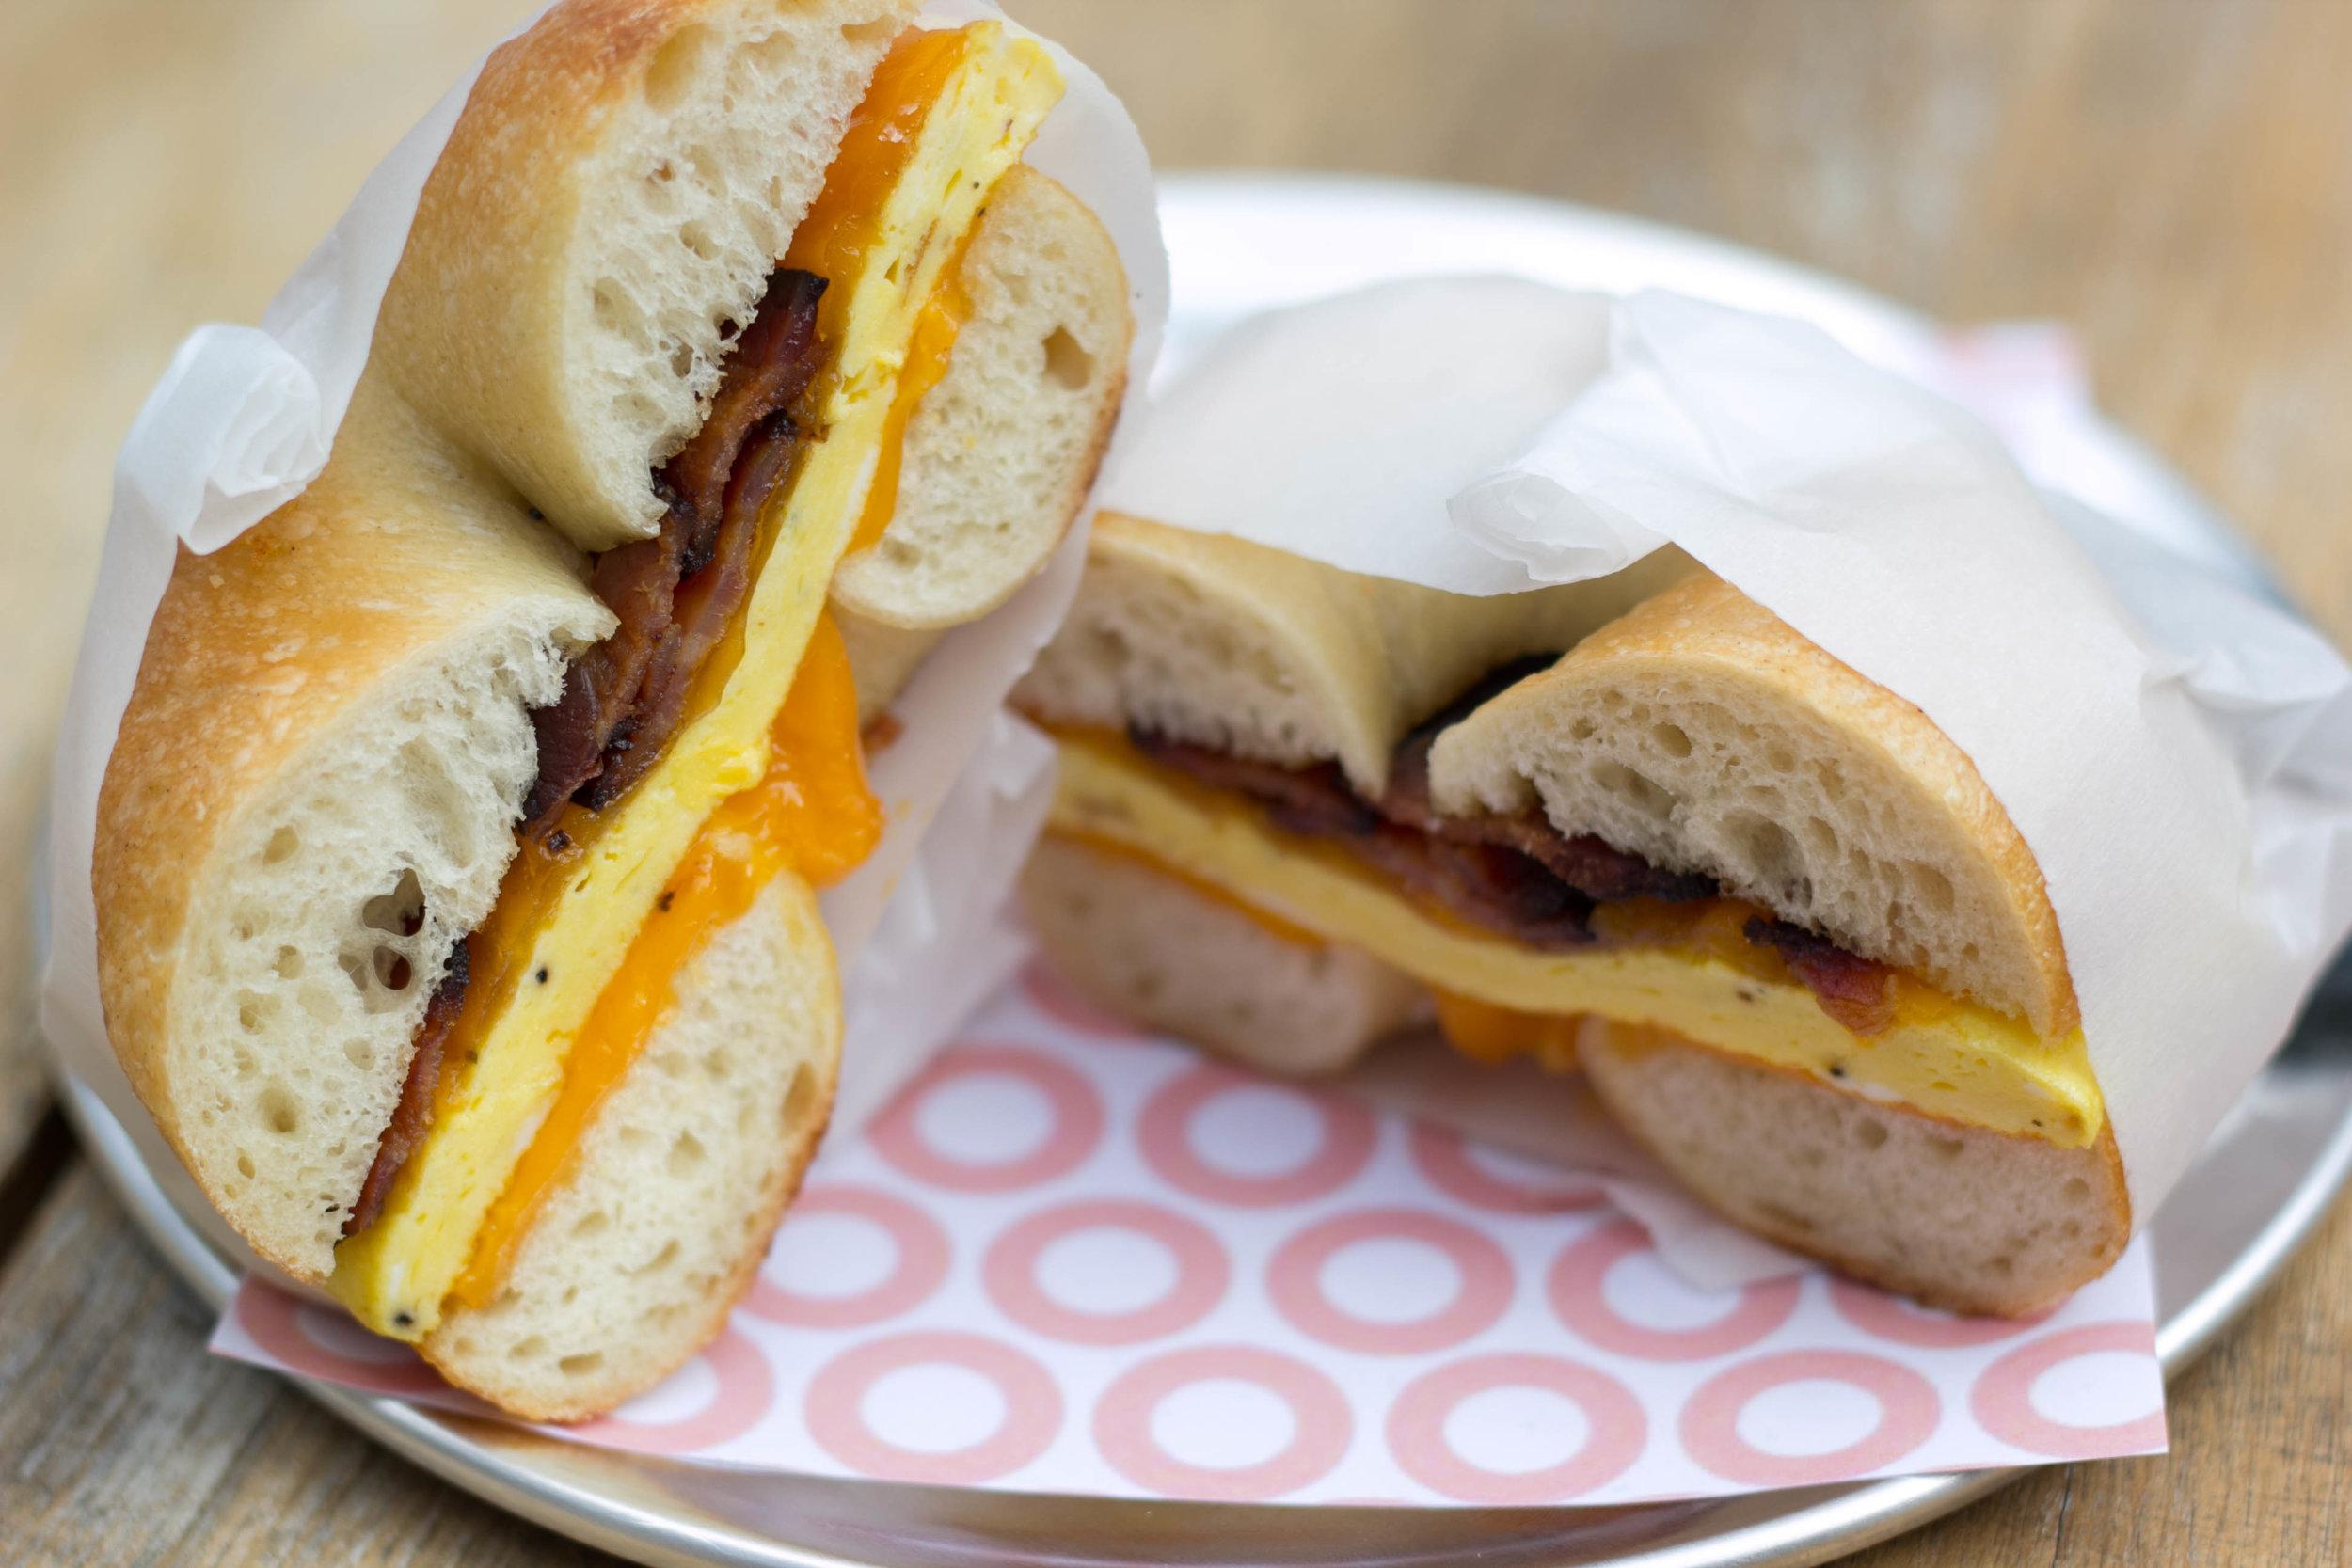 A breakfast sandwich from Pearl's Bagels